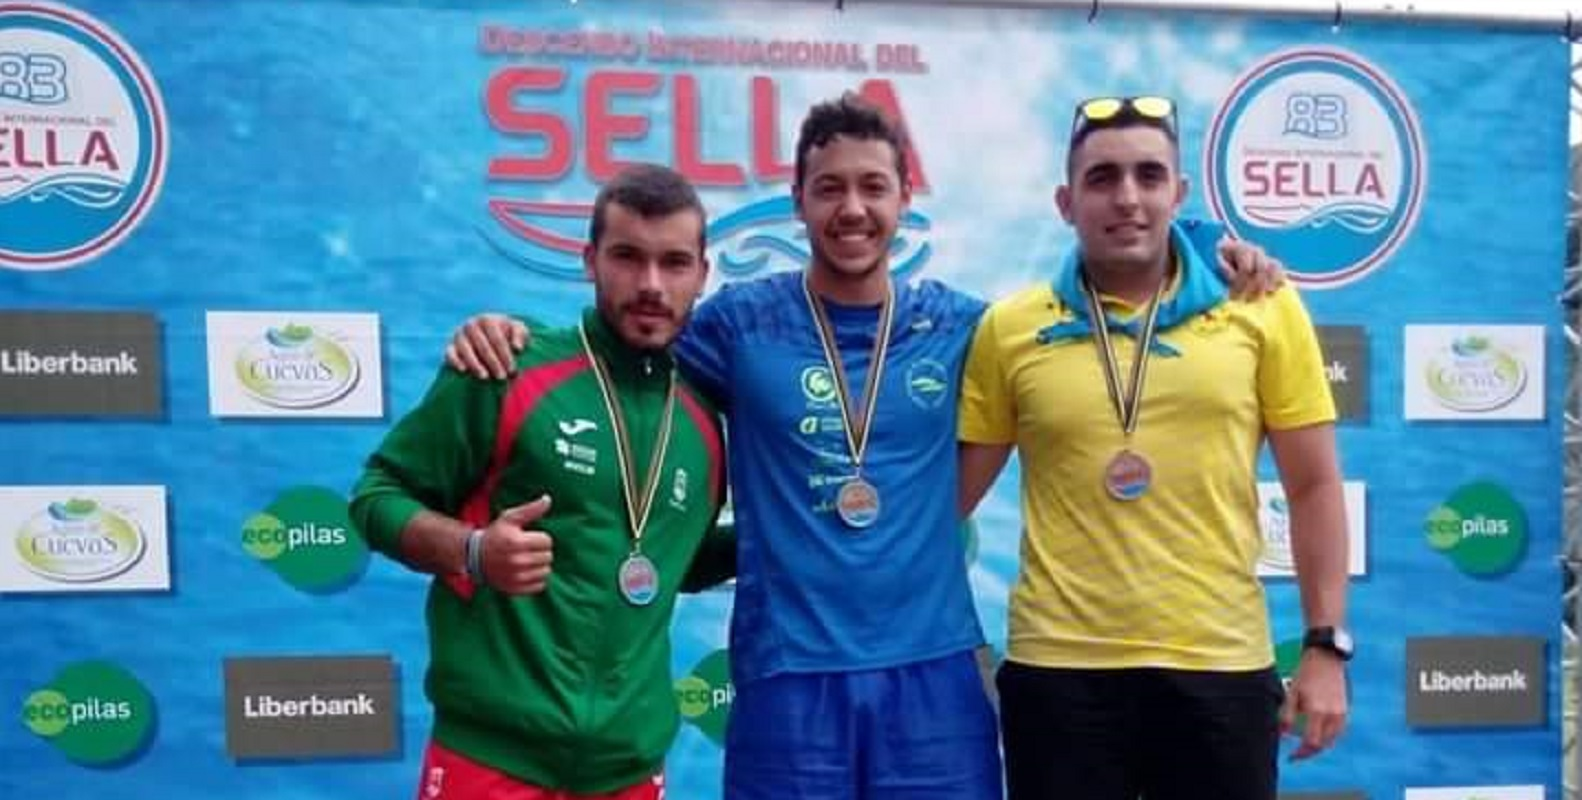 Vianense Sérgio Maciel ganha a prata no Descenso del Sella, nas Astúrias